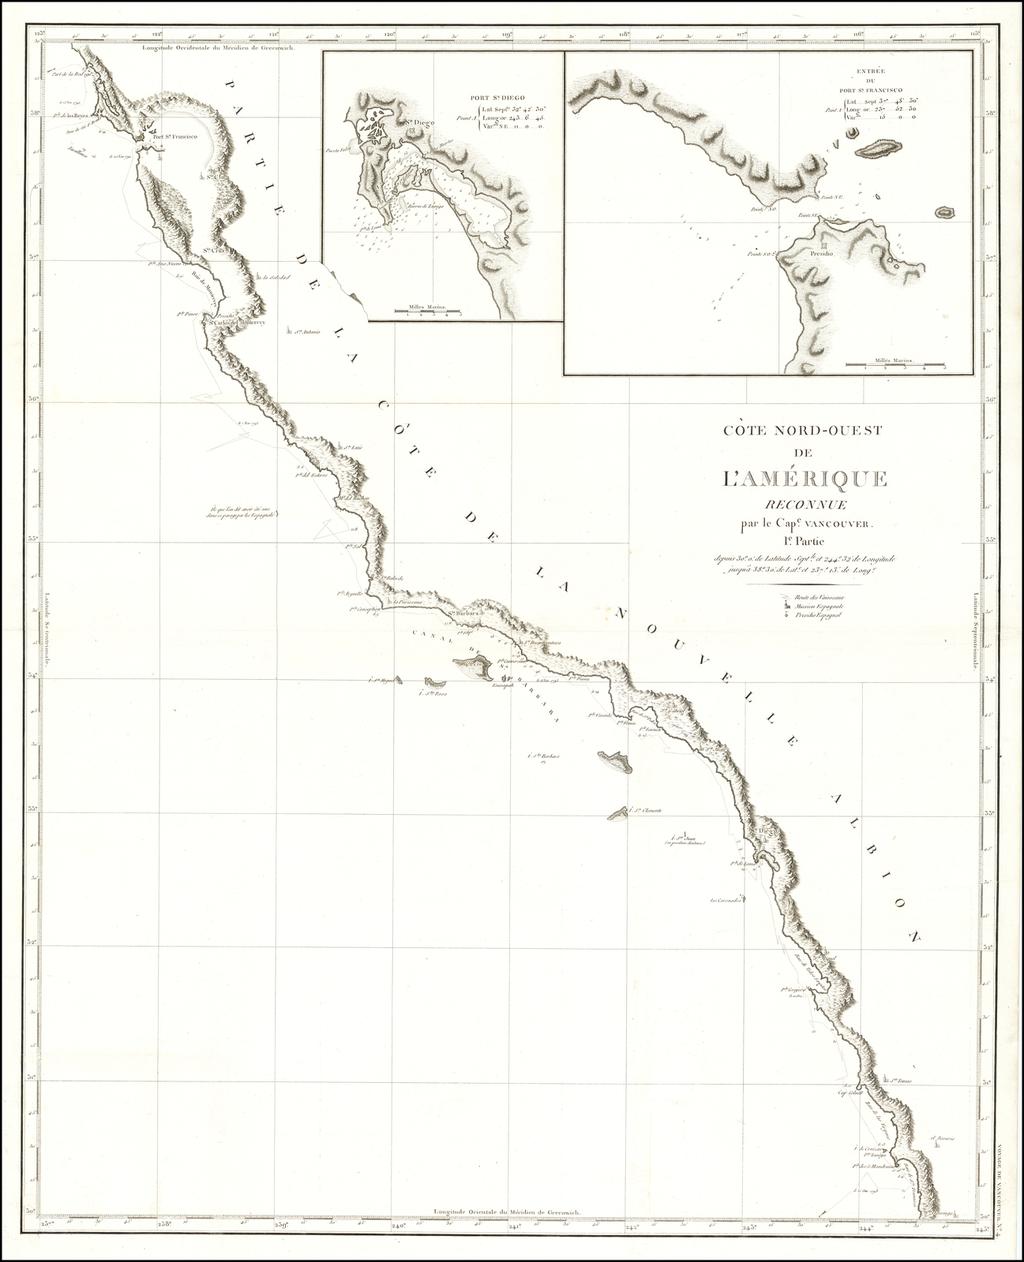 [San Francisco to Central Baja]  Cote Nord-Ouest De L'Amerique Reconnue par le Cape. Vancouver Ie. Partie . . .  By Capt. George Vancouver